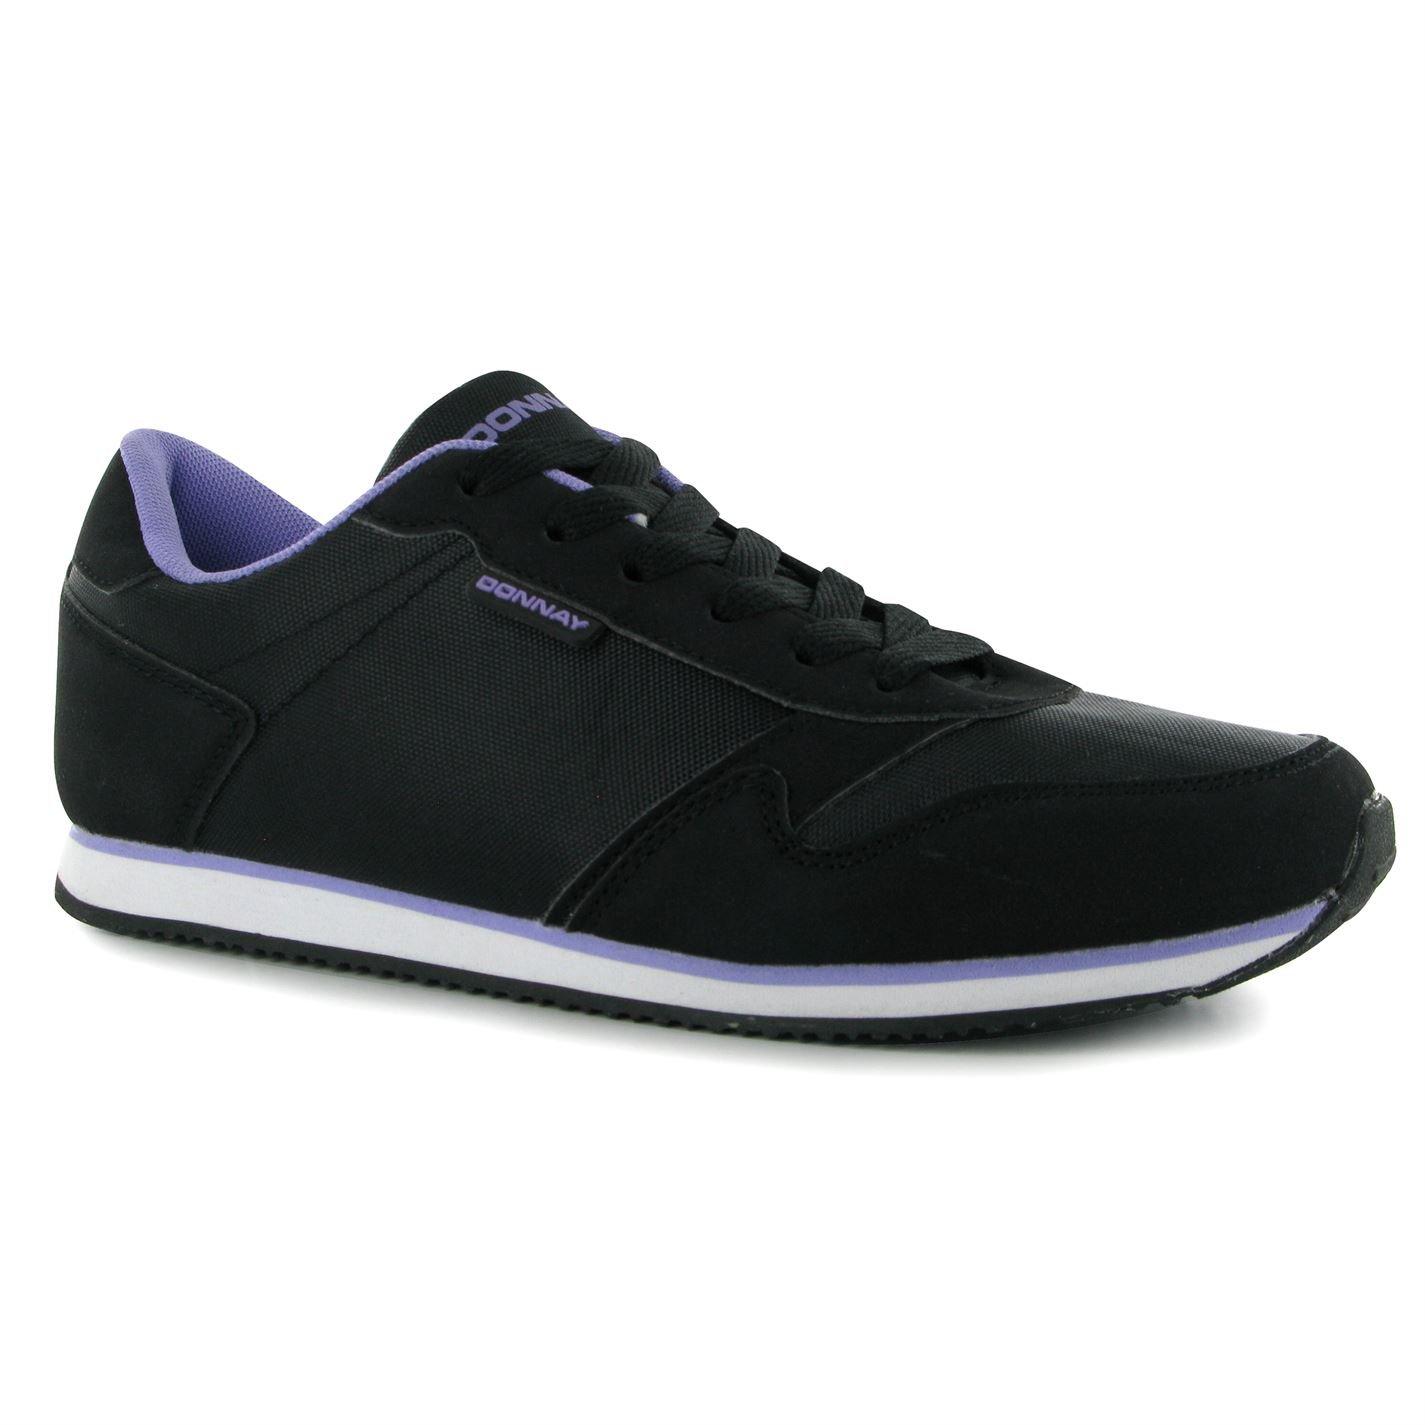 Donnay Damen Schnürschuhe N Runner Sneaker Sportschuhe NEU